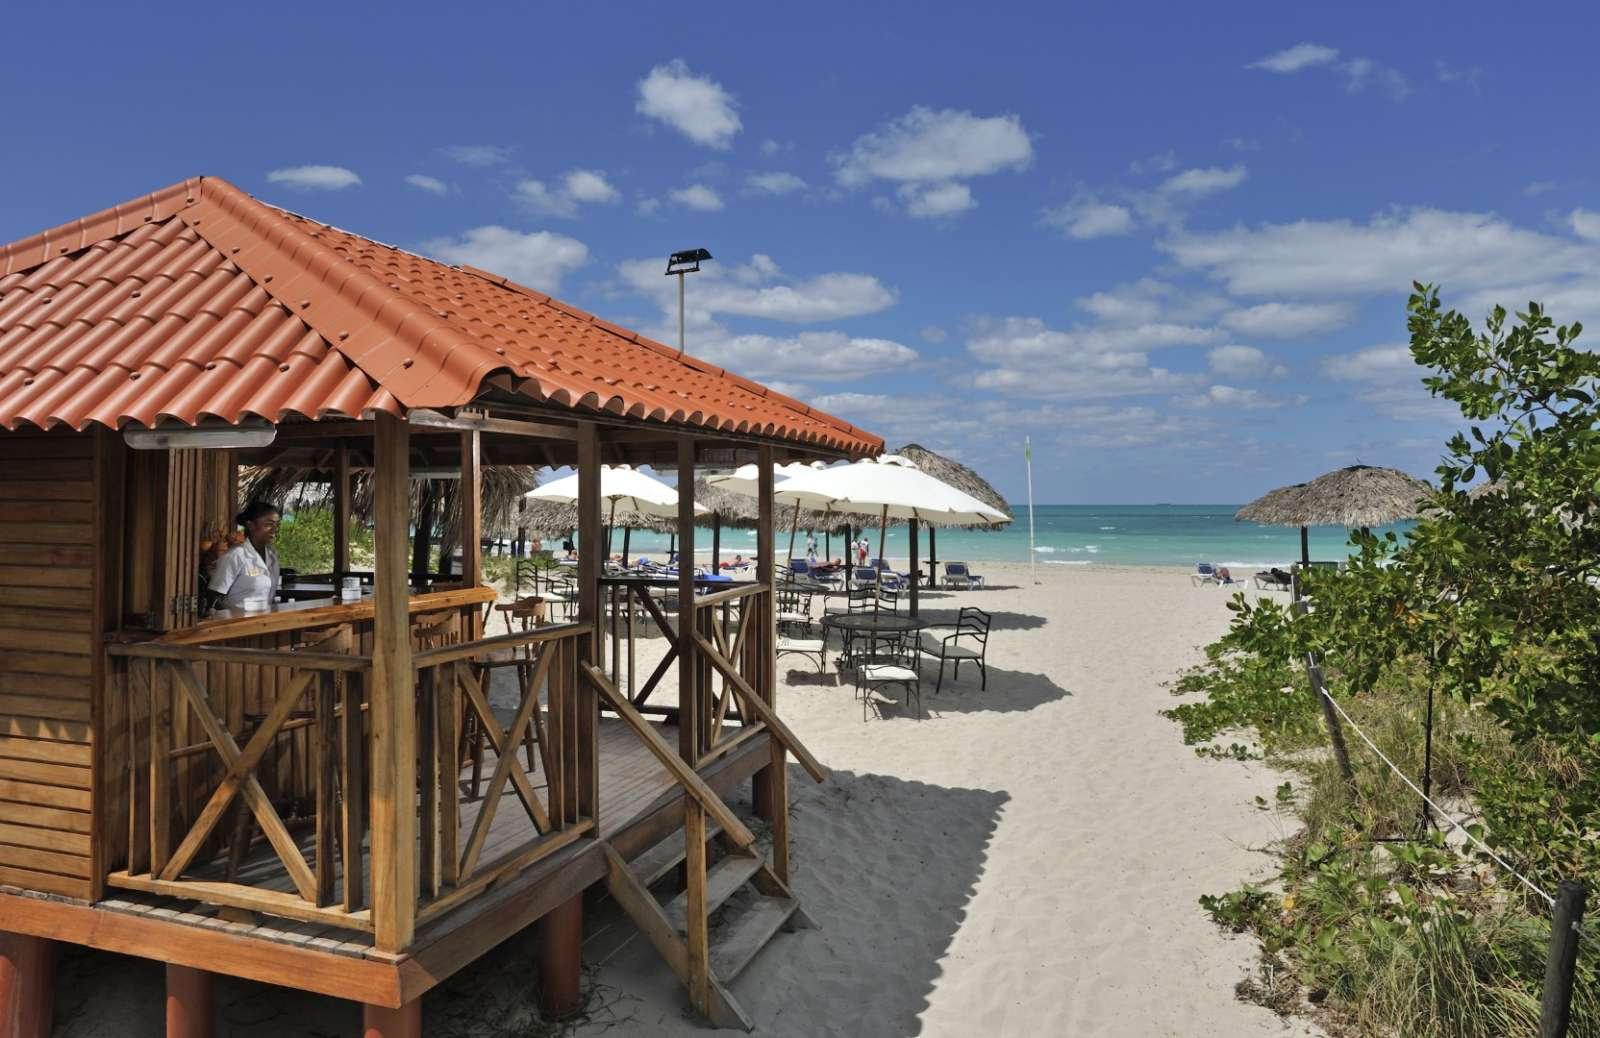 Beach bar at Paradisus Princesa Varadero